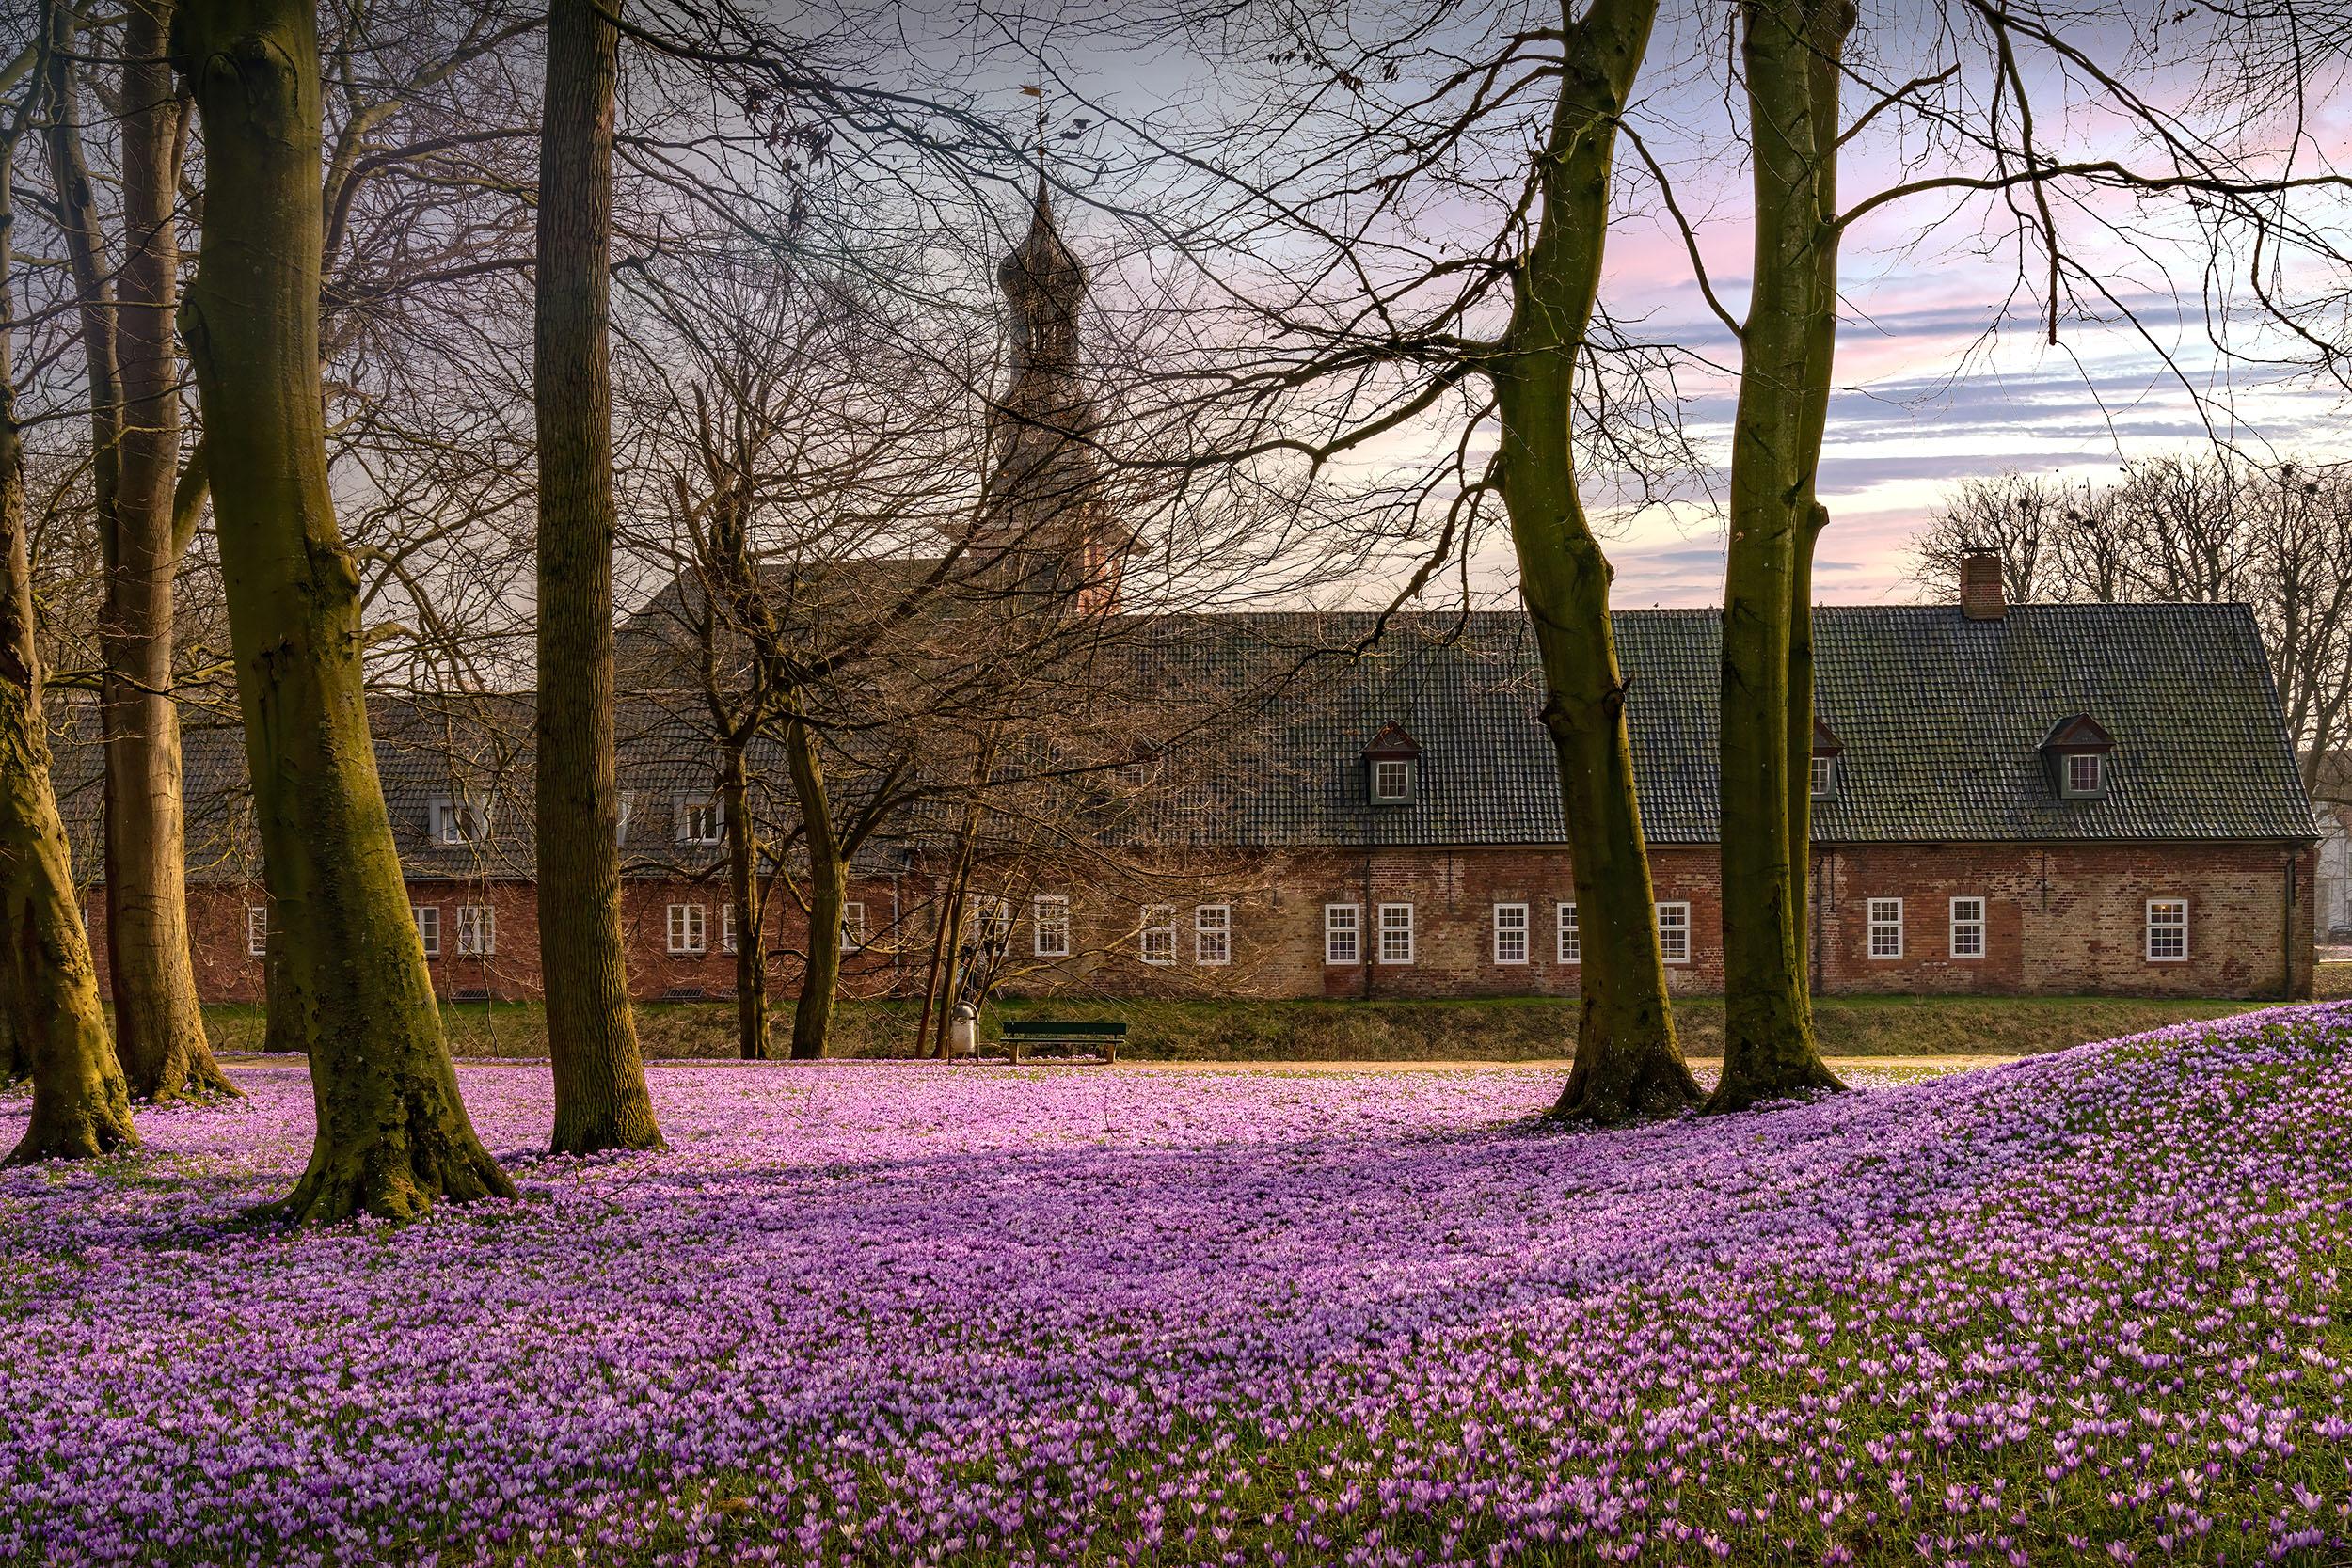 Krokusblüte am Schloss Husum